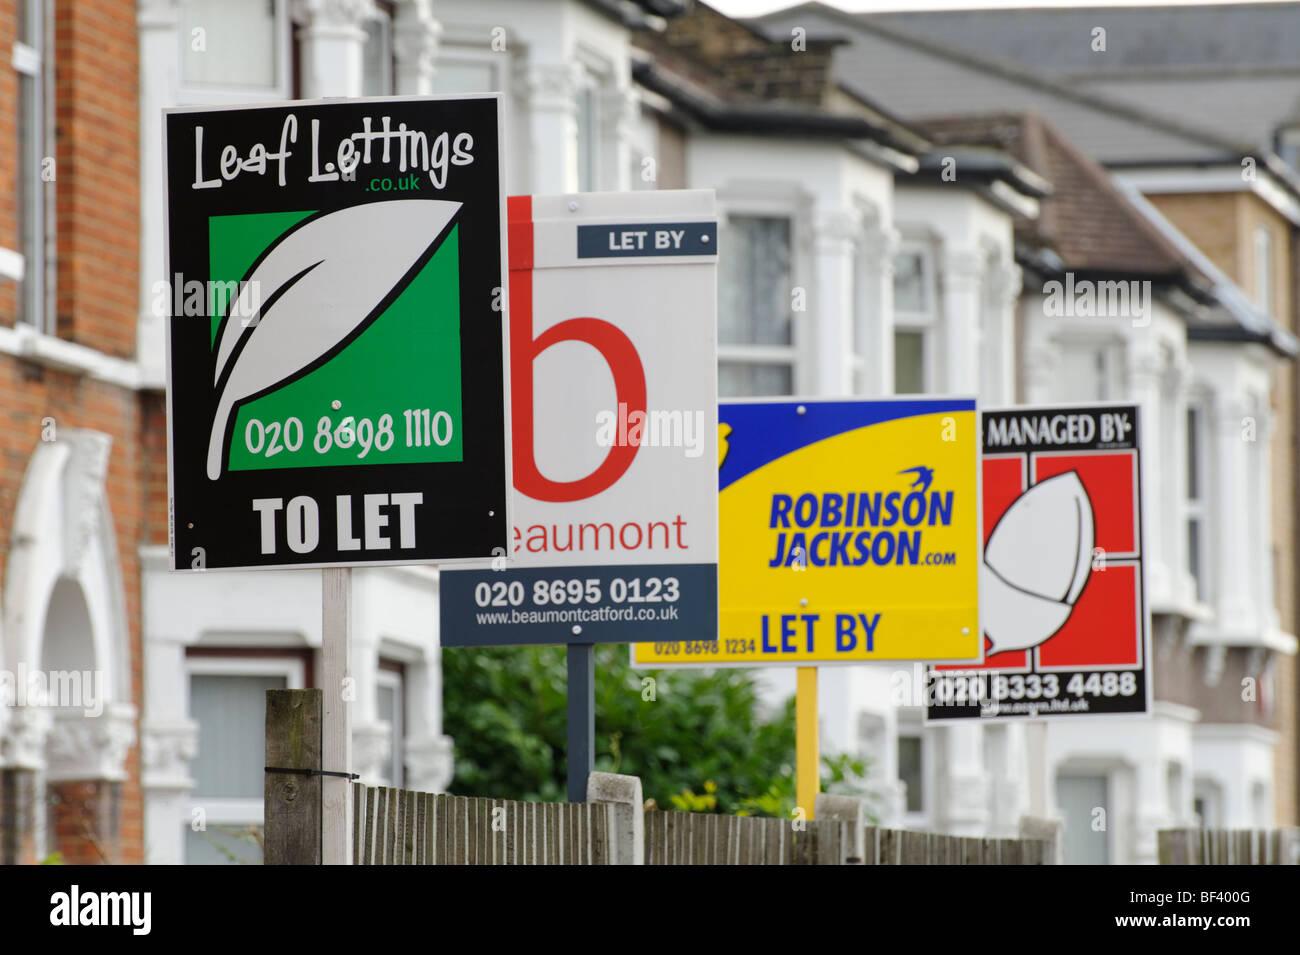 Rangée de chambre de laisser des signes de propriété. Londres. UK 2009. Photo Stock